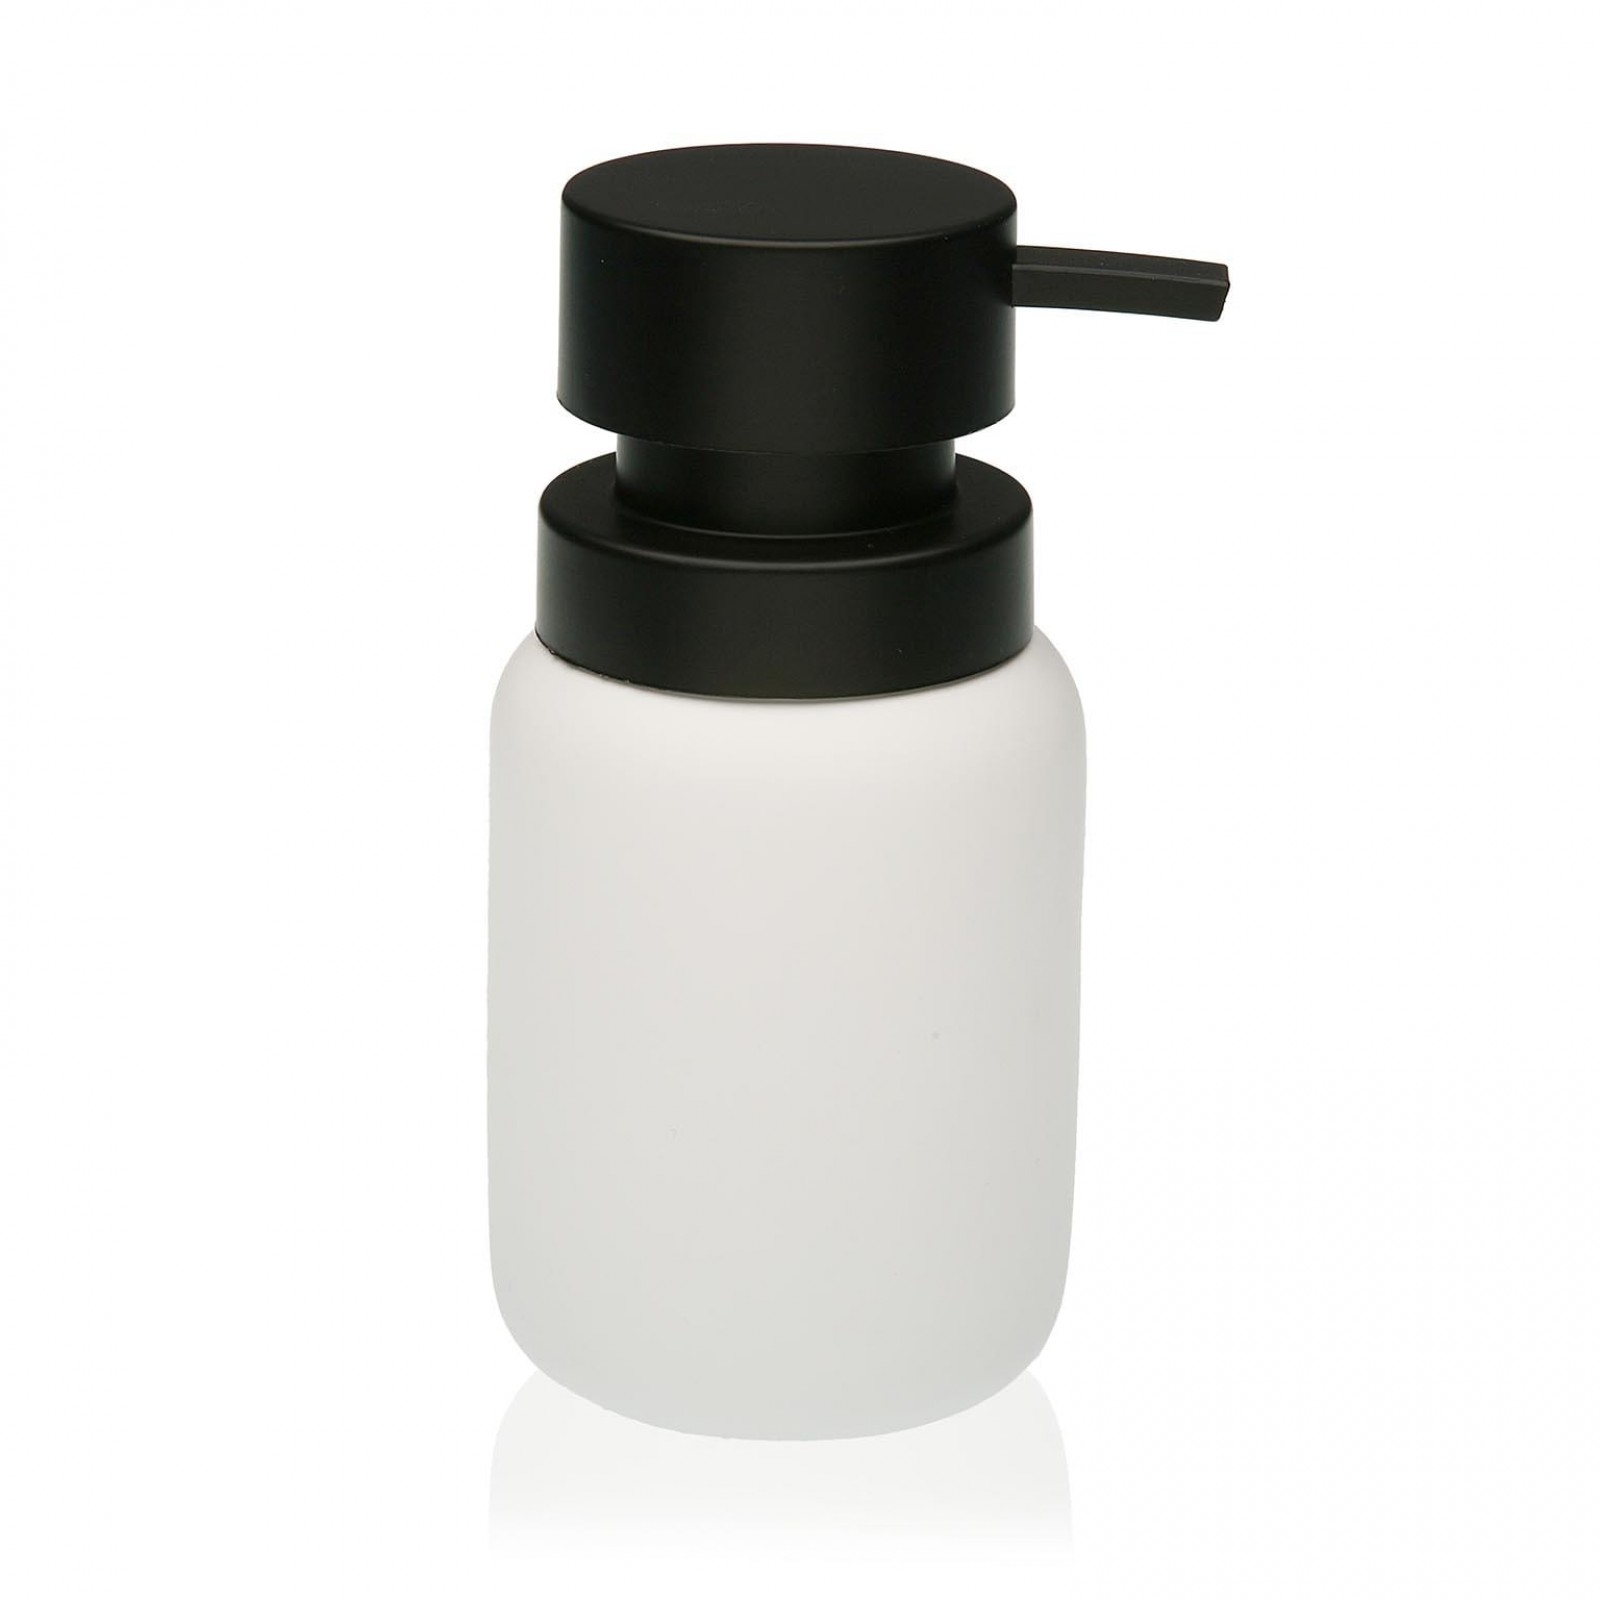 Soap Dispenser White & Black (Resin) - Versa